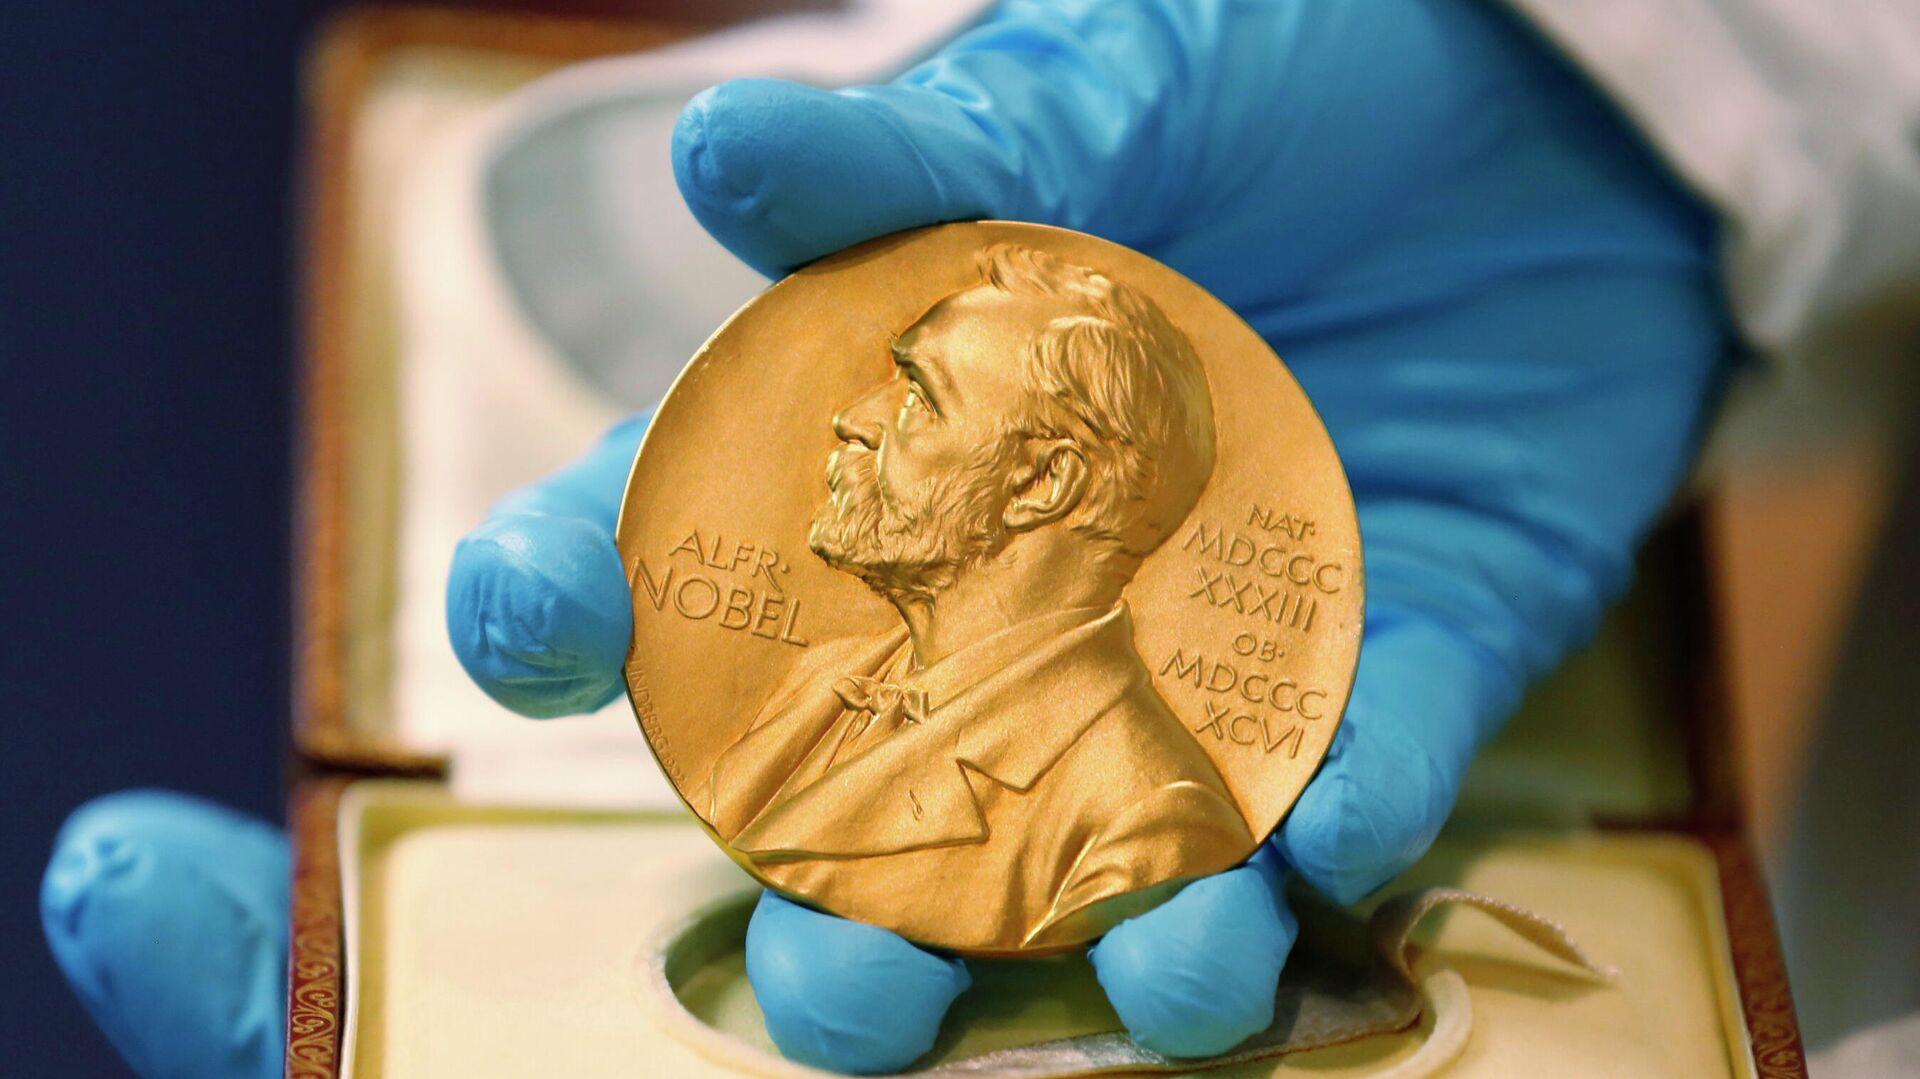 Золотая медаль Нобелевской премии - РИА Новости, 1920, 12.10.2020